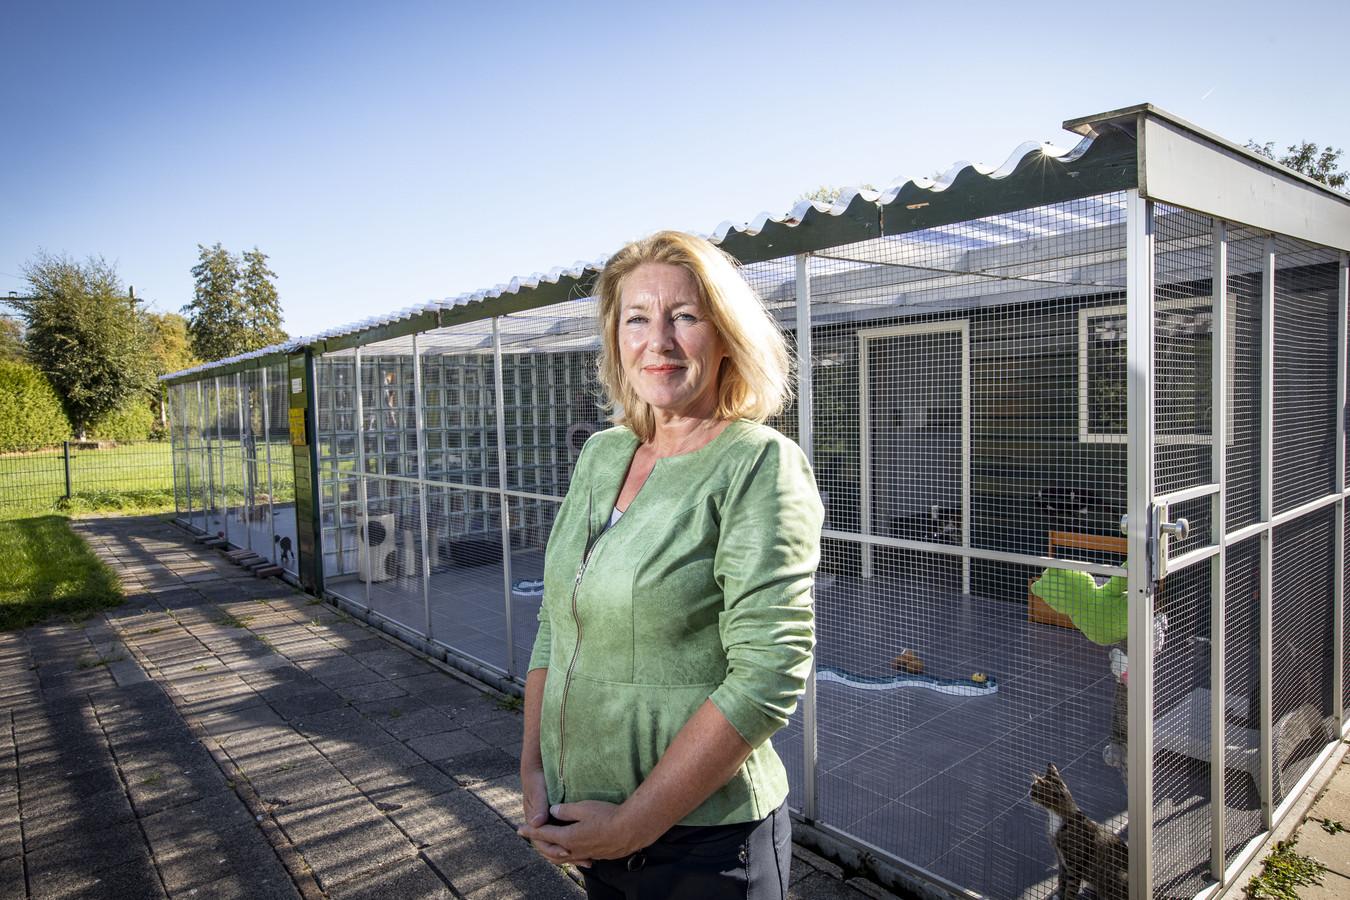 OLDENZAAL - Liesbeth van Hoorik bij het verouderde kattenasiel. De ruimte biedt te weinig opvangplekken voor zwerfkatten.